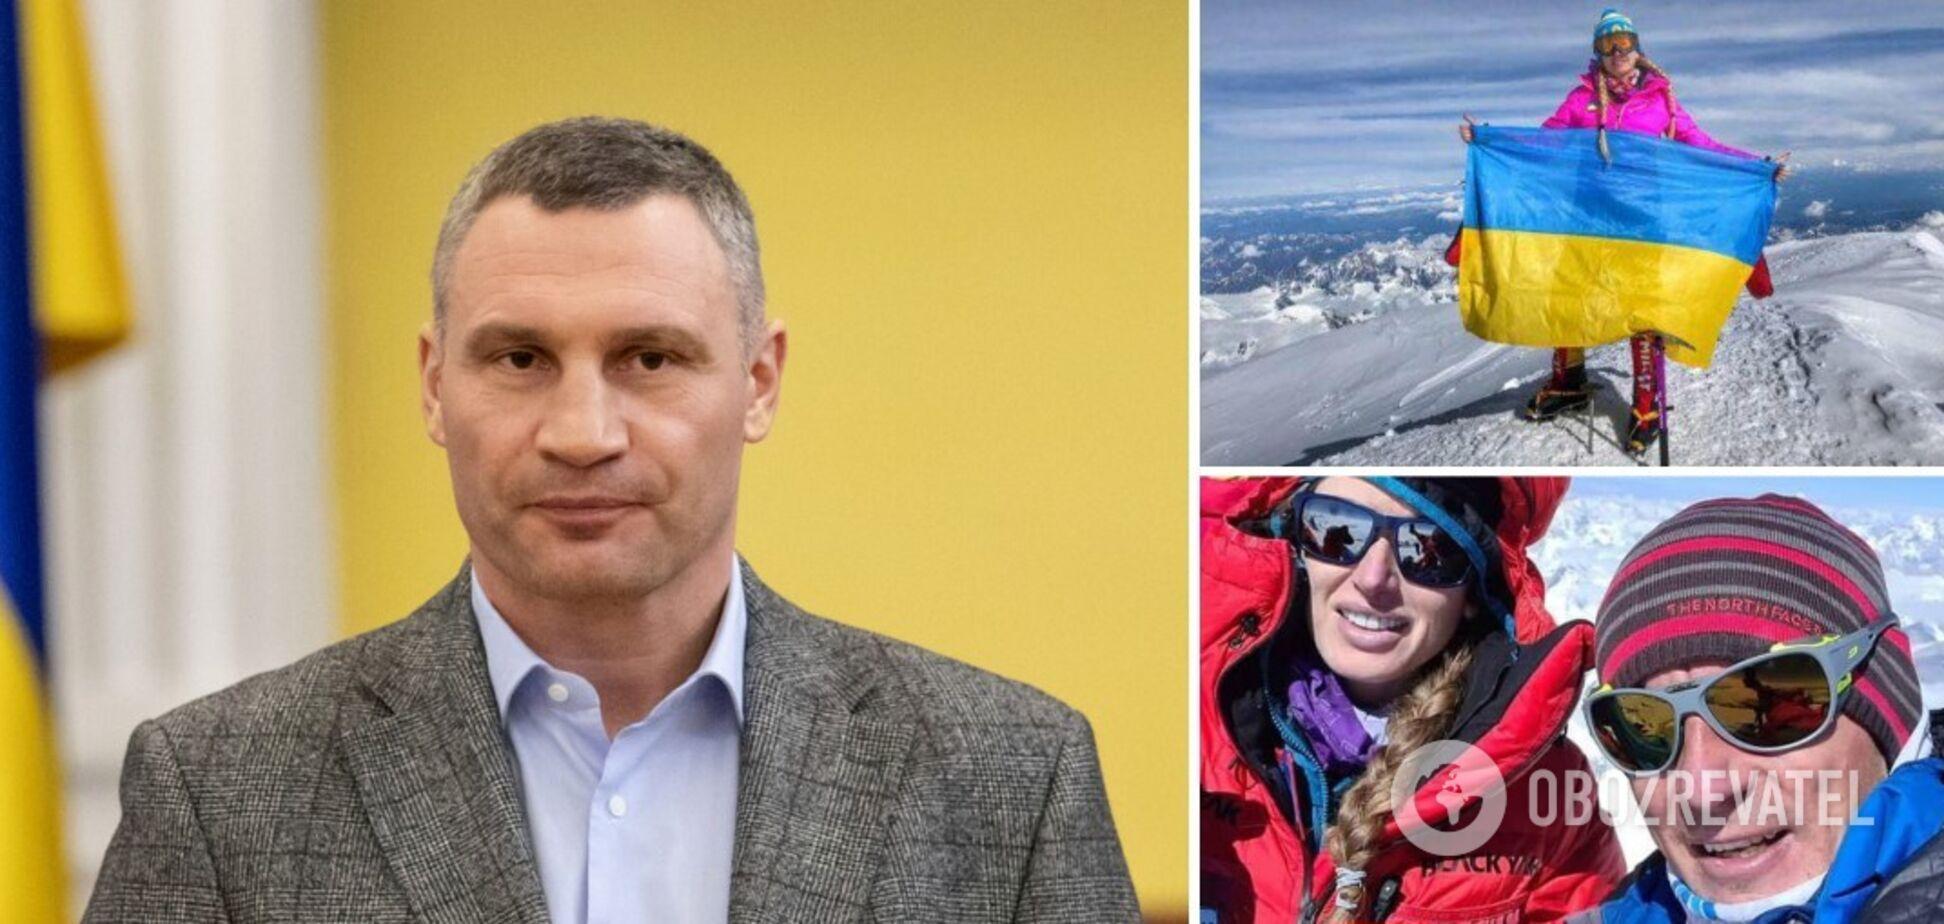 Кличко поздравил украинских альпинистов с восхождением на Чогори